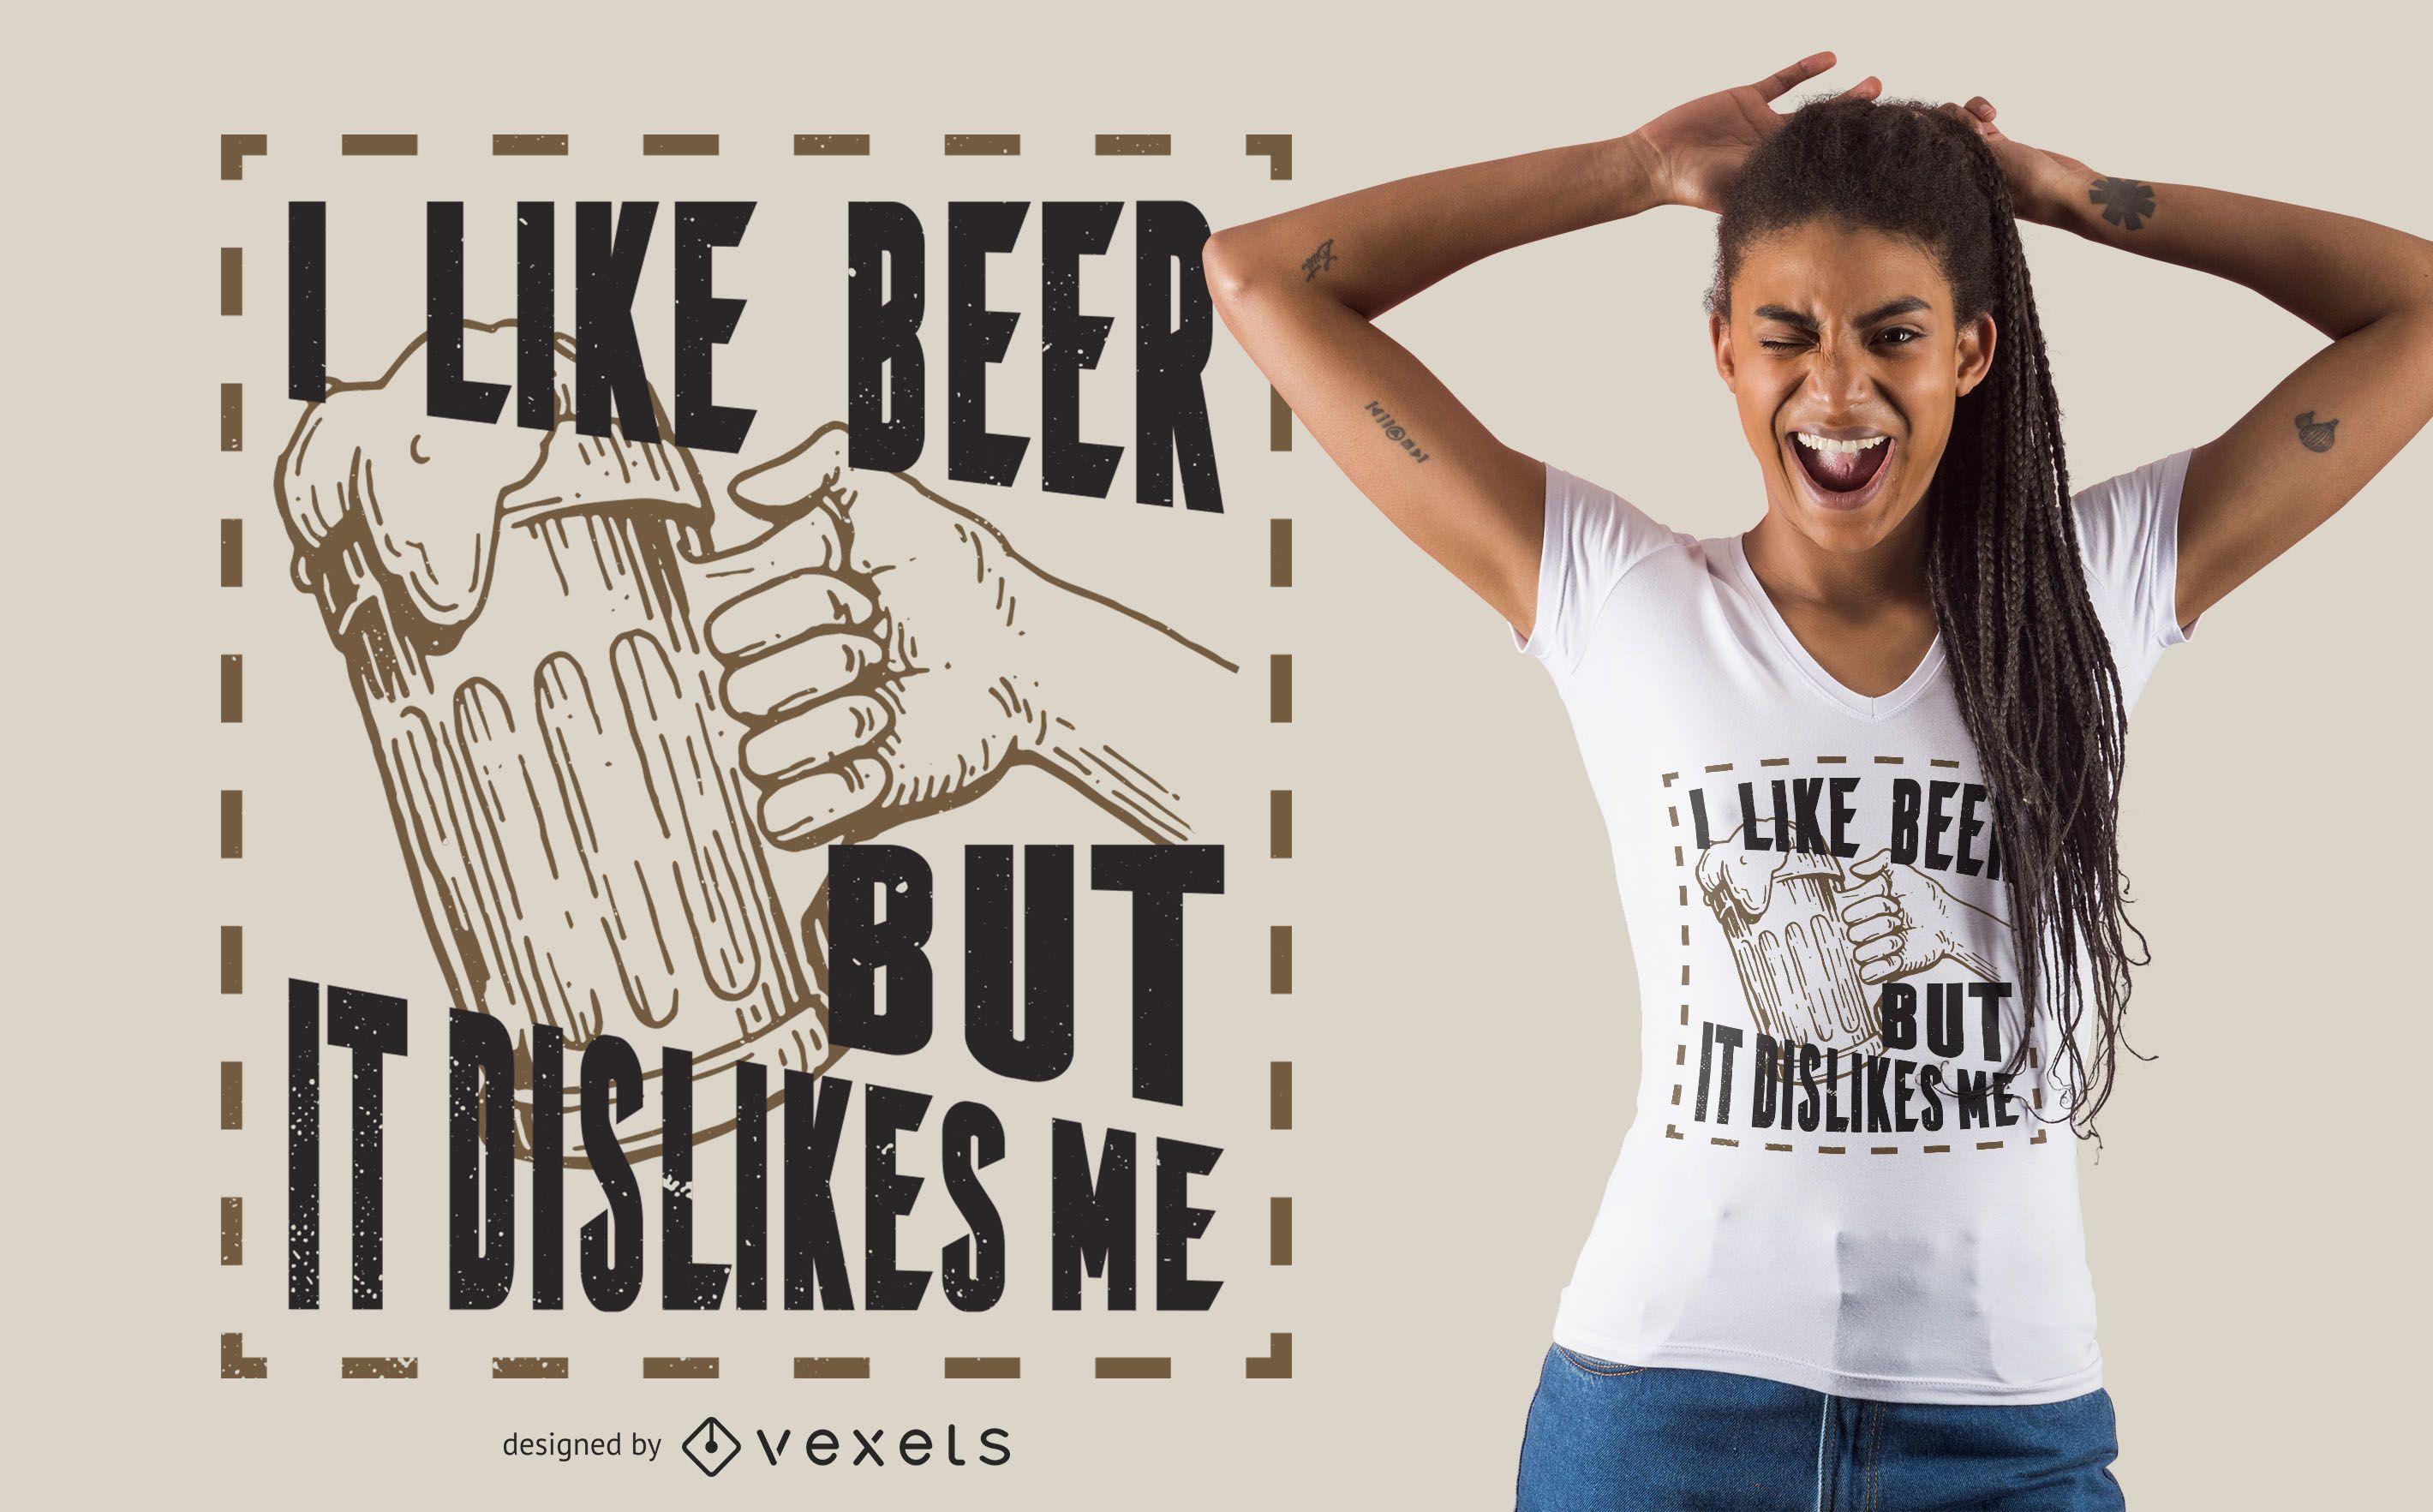 I like beer t-shirt design